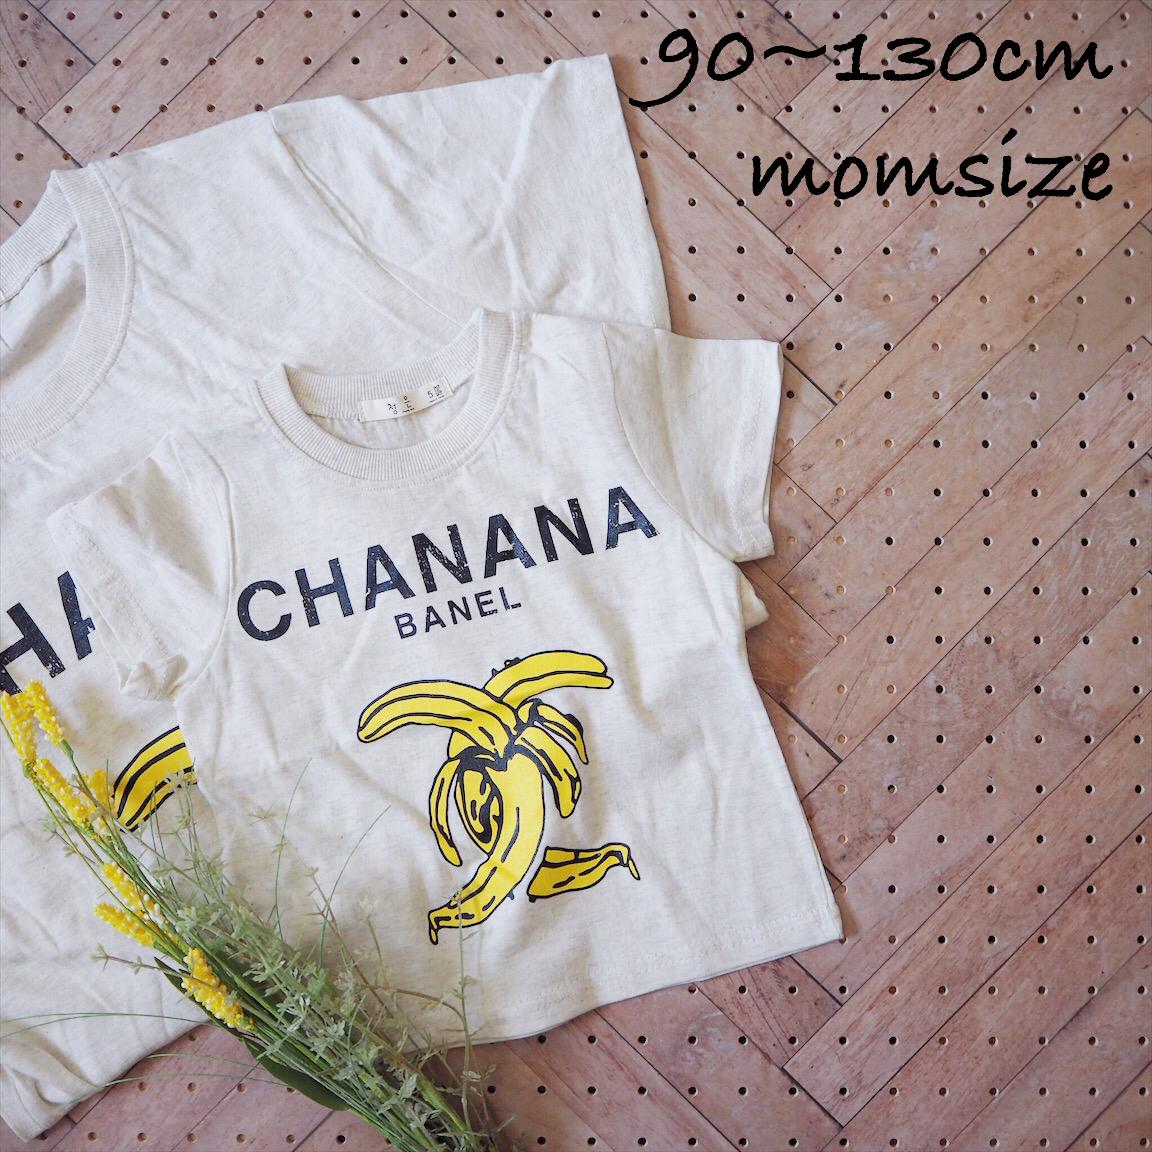 【ママサイズ】夏の親子リンクコーデしましょ♪シャナナTシャツ